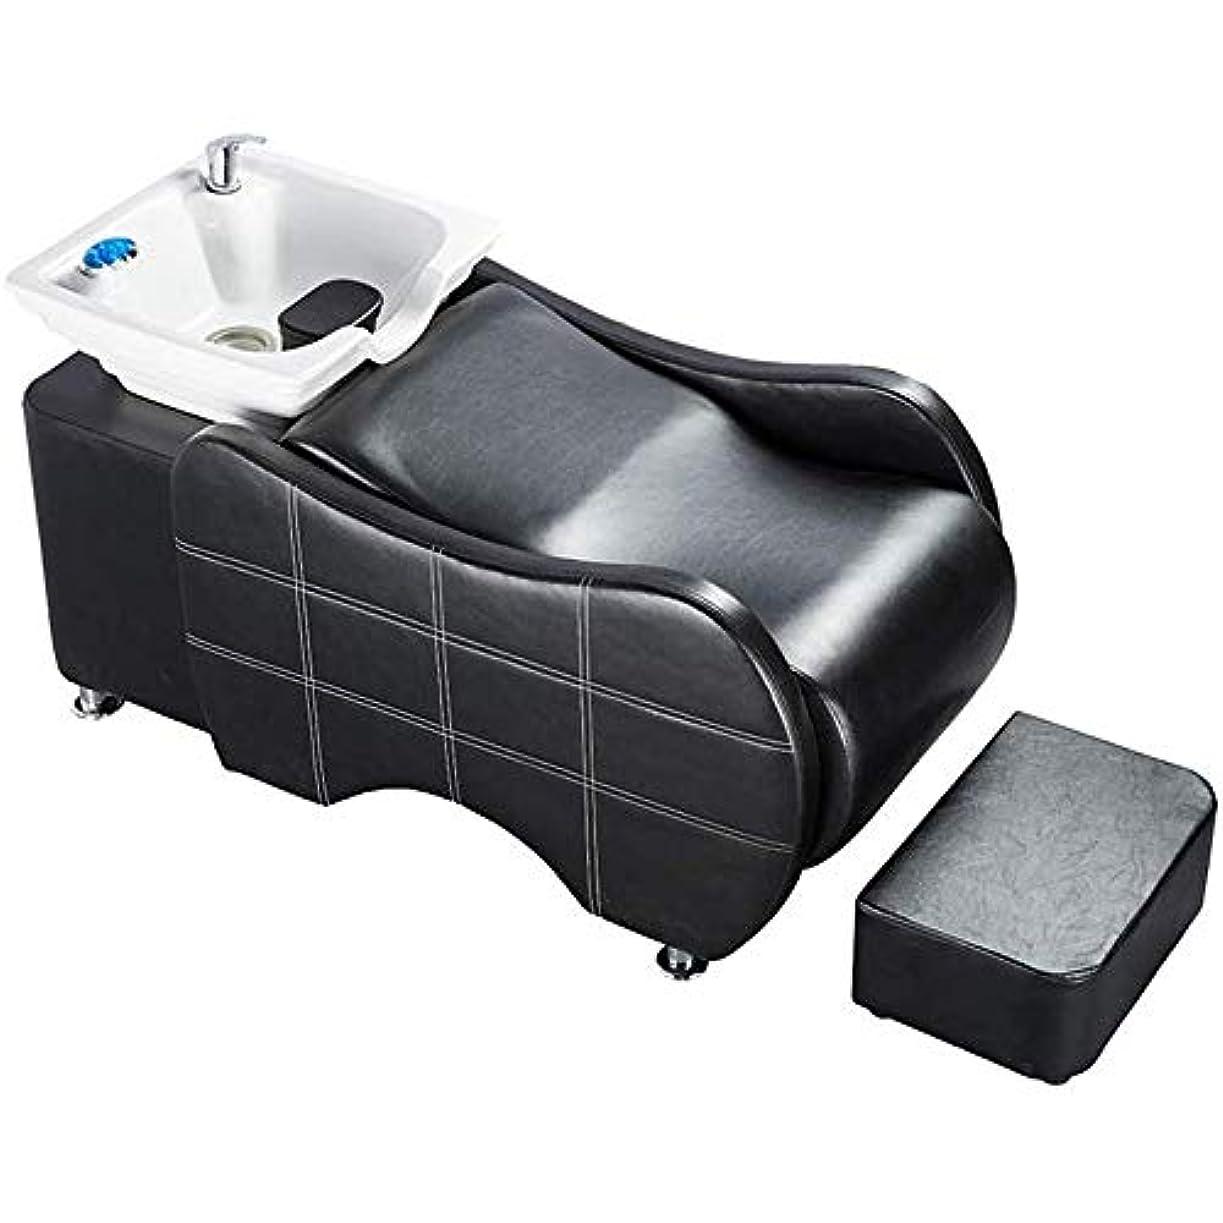 等価水族館スリラーシャンプーチェア、スパビューティーサロン用セラミック洗面器逆洗ユニットシャンプーボウルシンク椅子(黒)